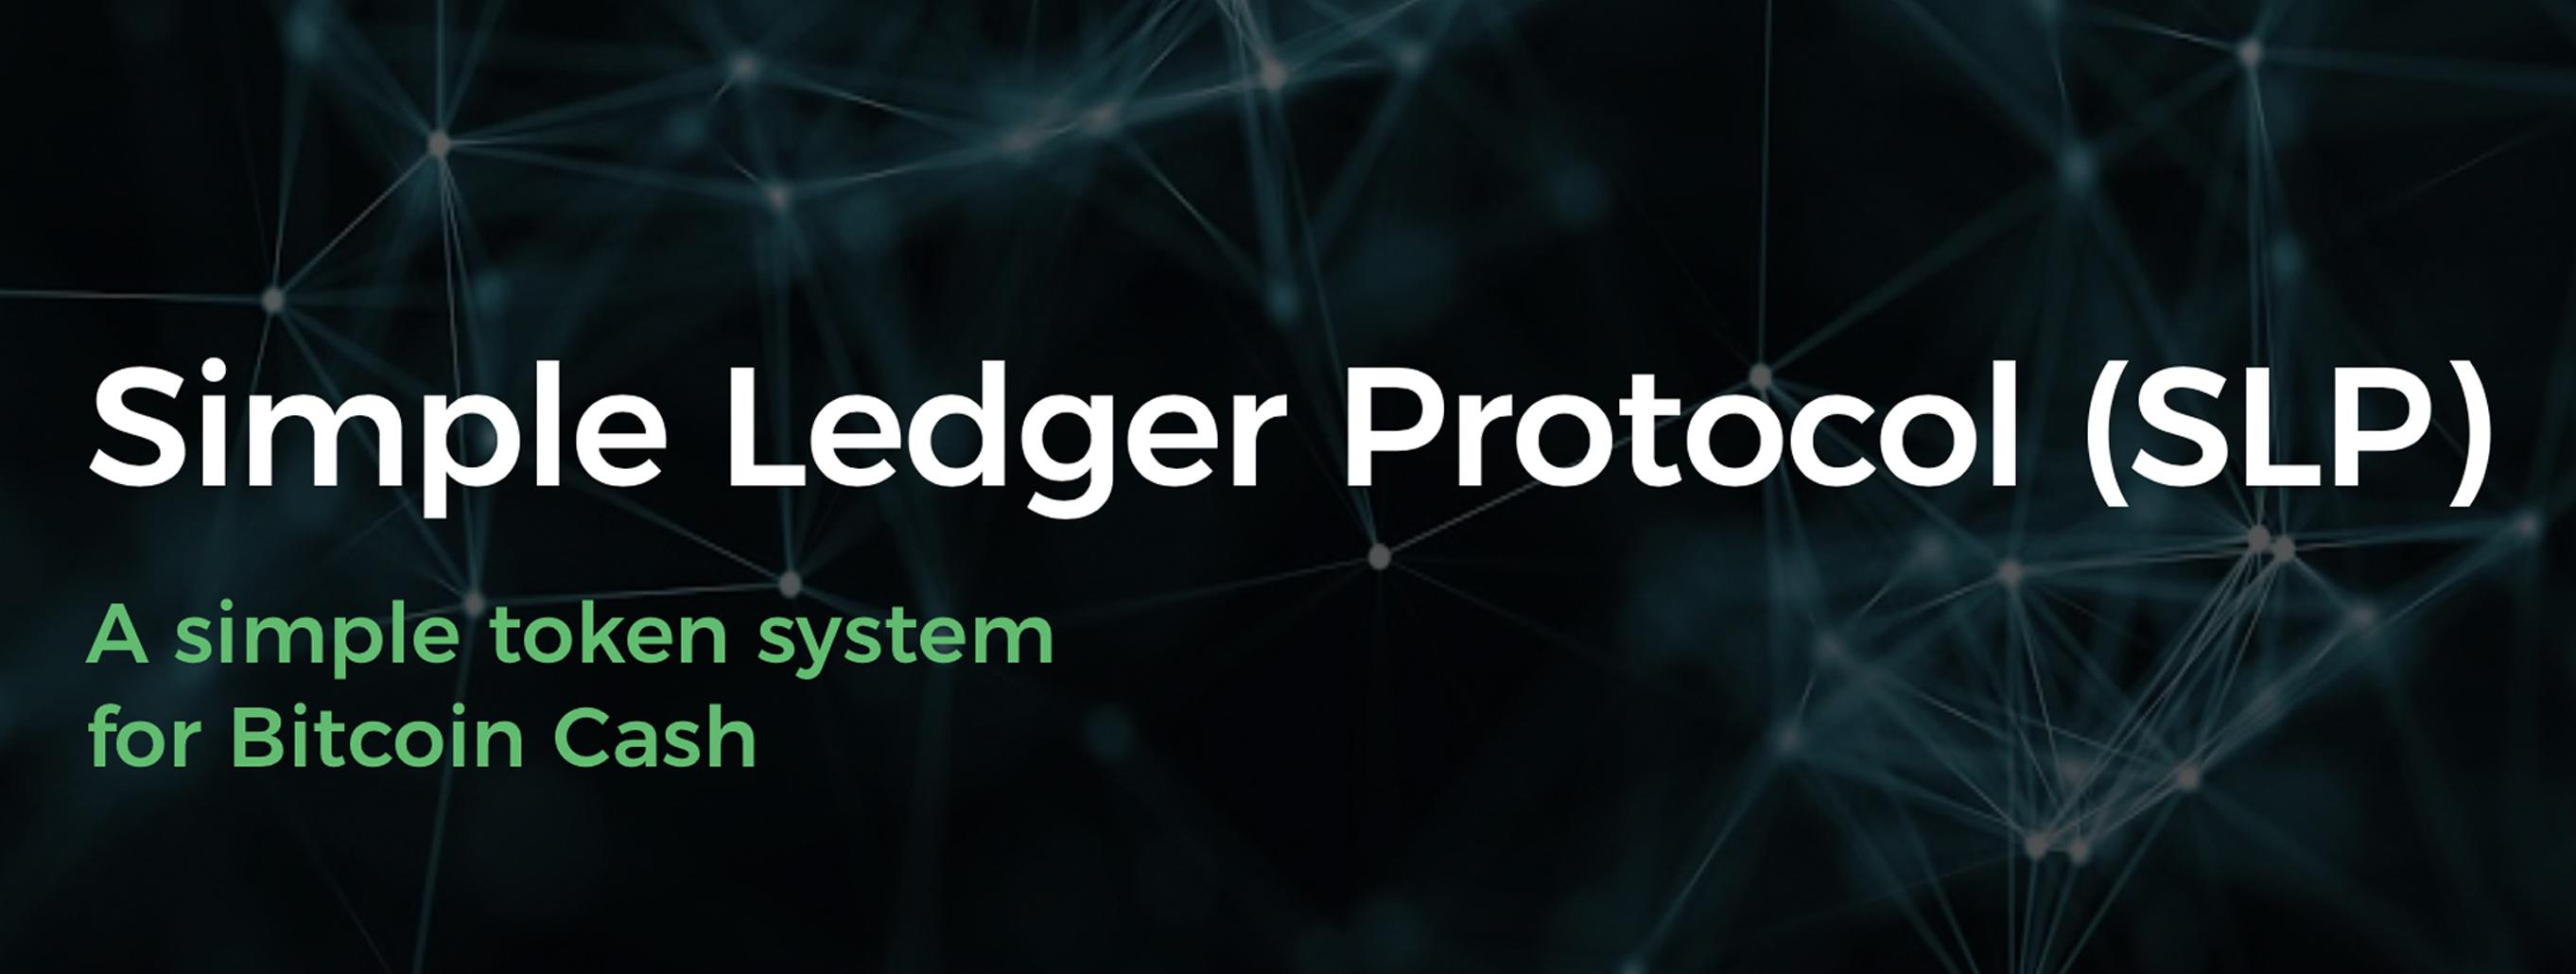 Exploring the SLP Token Universe Built on the Bitcoin Cash Chain